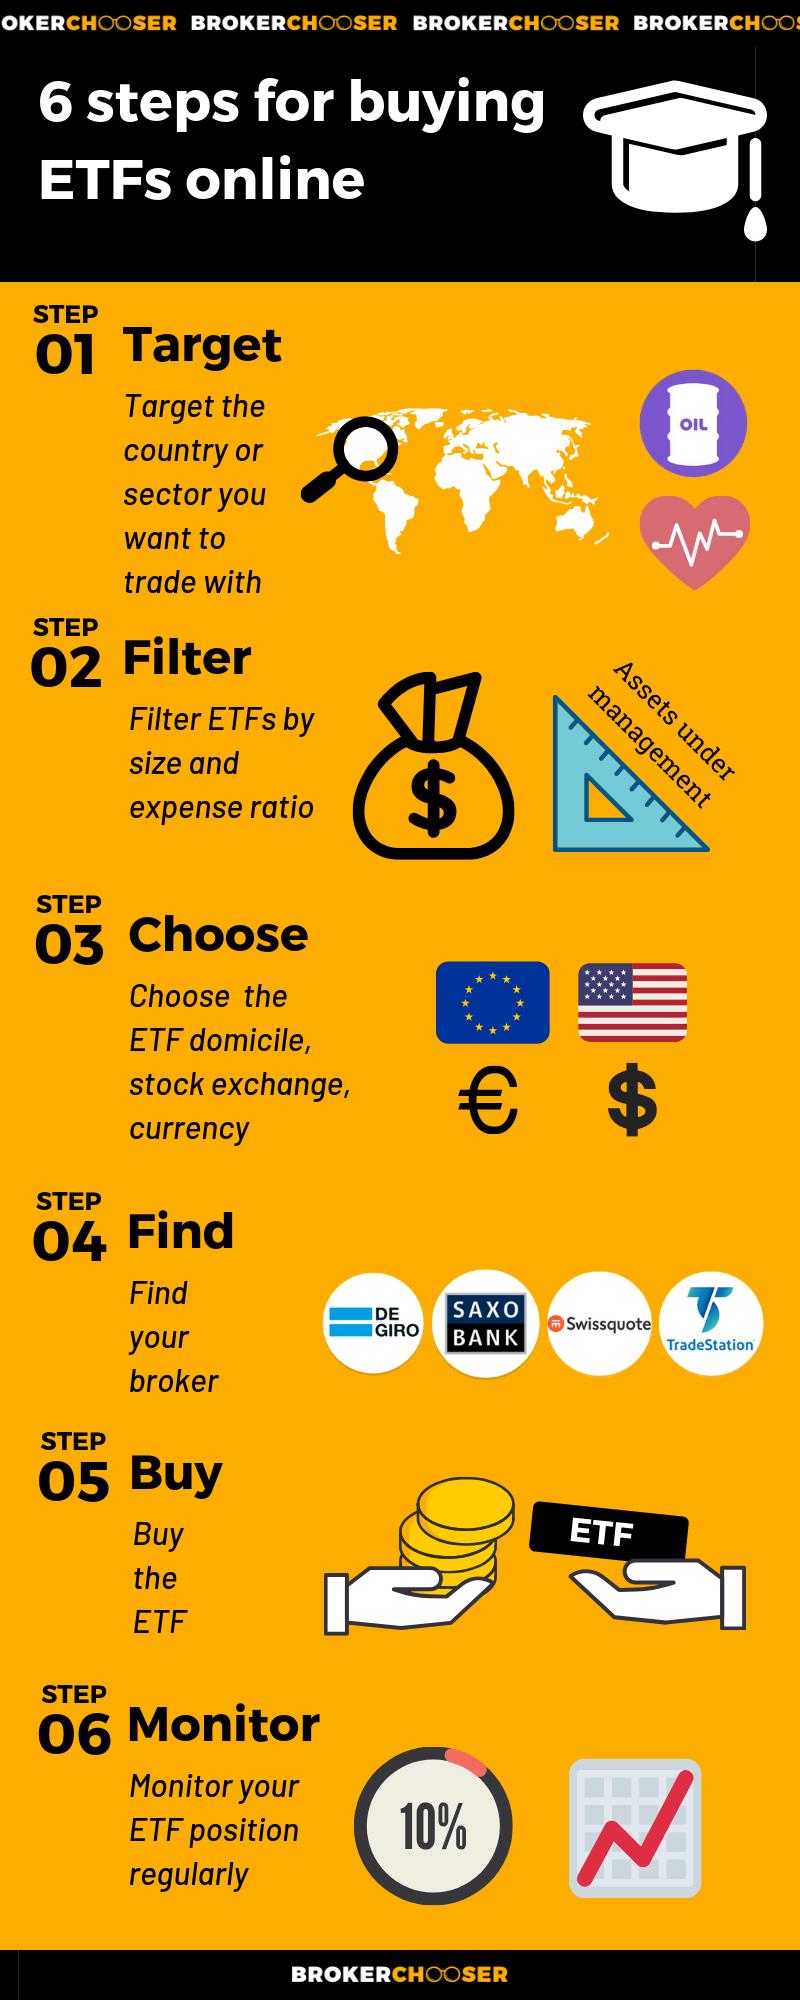 6 steps for buying ETFs online